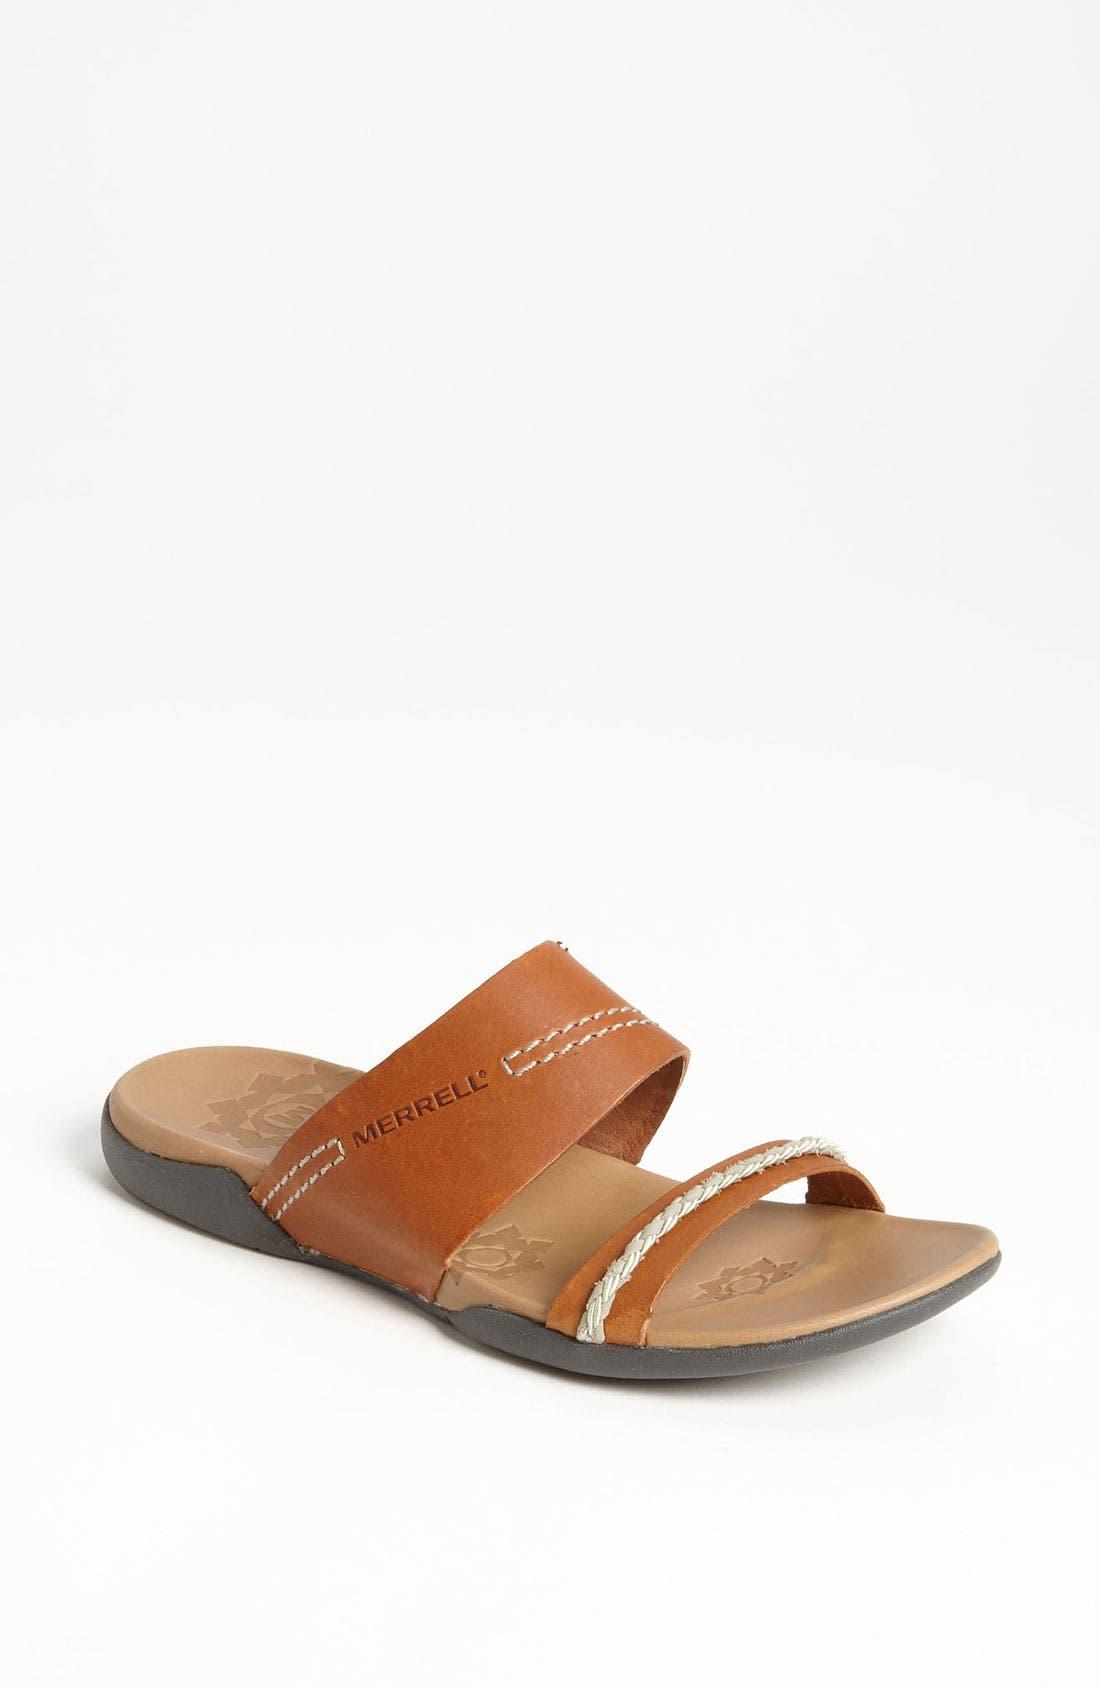 Alternate Image 1 Selected - Merrell 'Shudra' Sandal